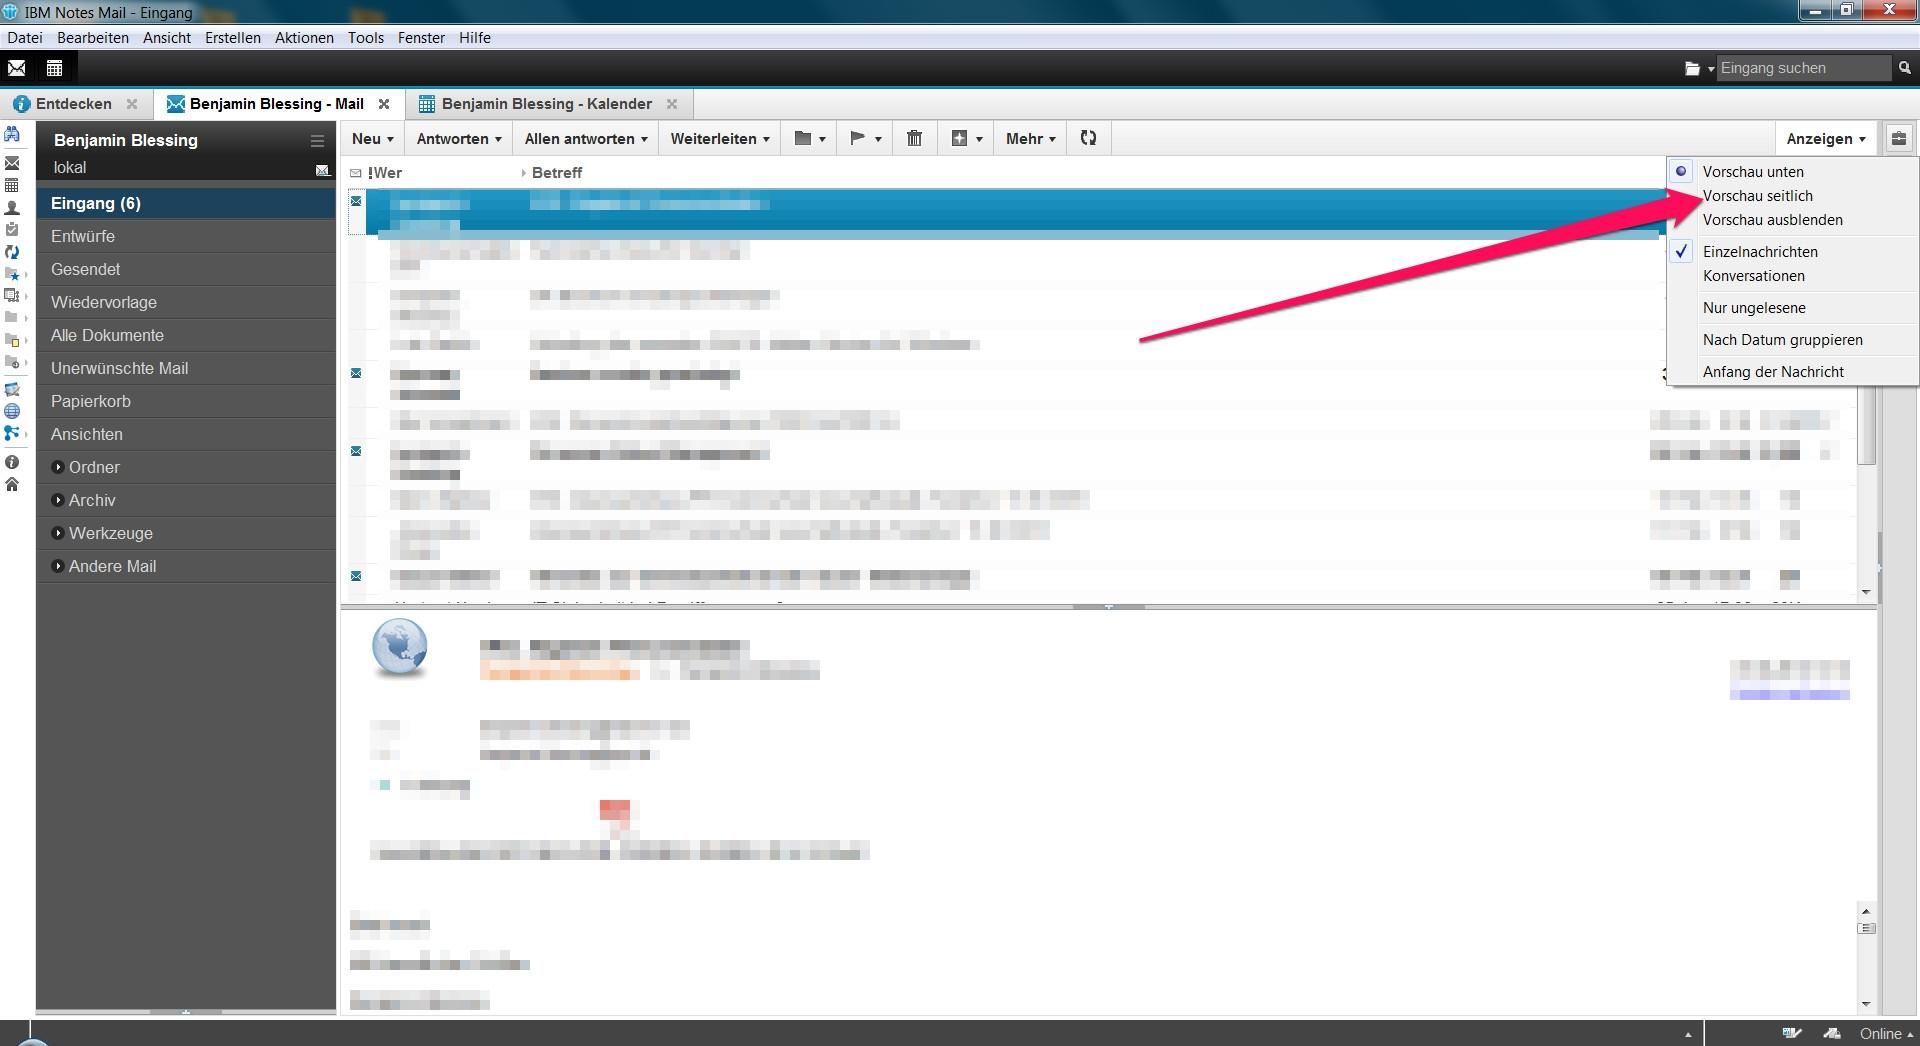 Lotus Notes Vorschau von E-Mails seitlich anzeigen